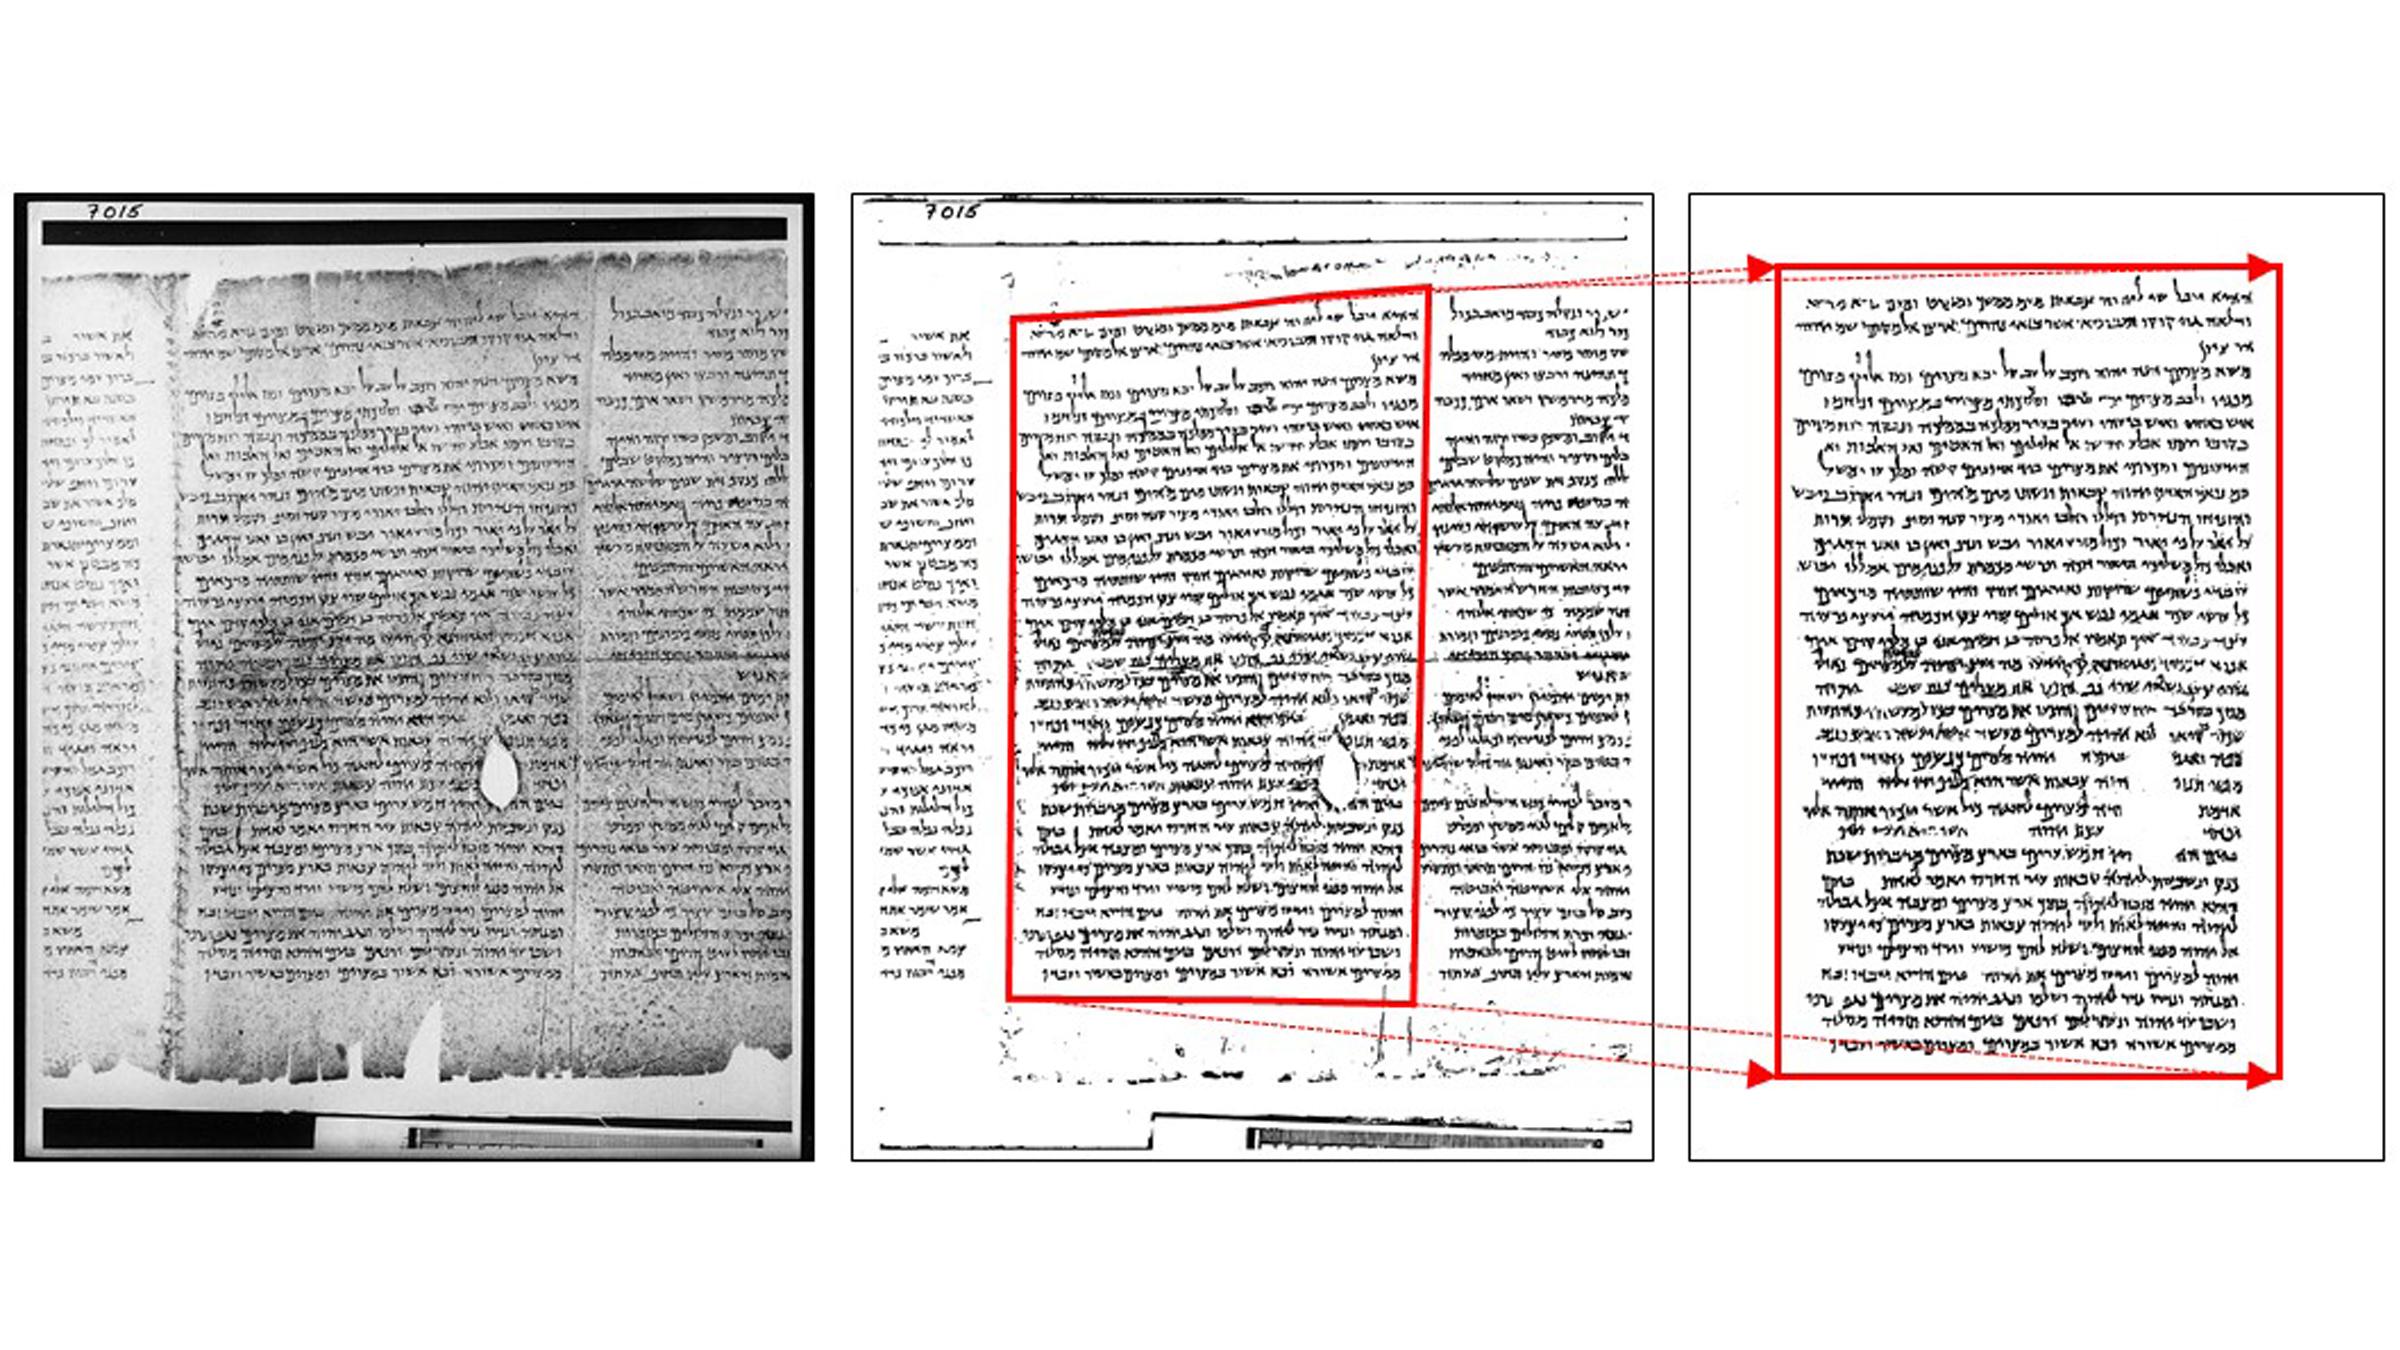 Une image en échelle de gris de la colonne 15 (à gauche) du grand rouleau d'Isaïe, son image correspondante créée à l'aide de BiNet (au milieu) et l'image corrigée nettoyée (à droite).  Remarquez comment les images du milieu et de droite sont pivotées et transformées géométriquement, ce qui donne une meilleure image pour le traitement.